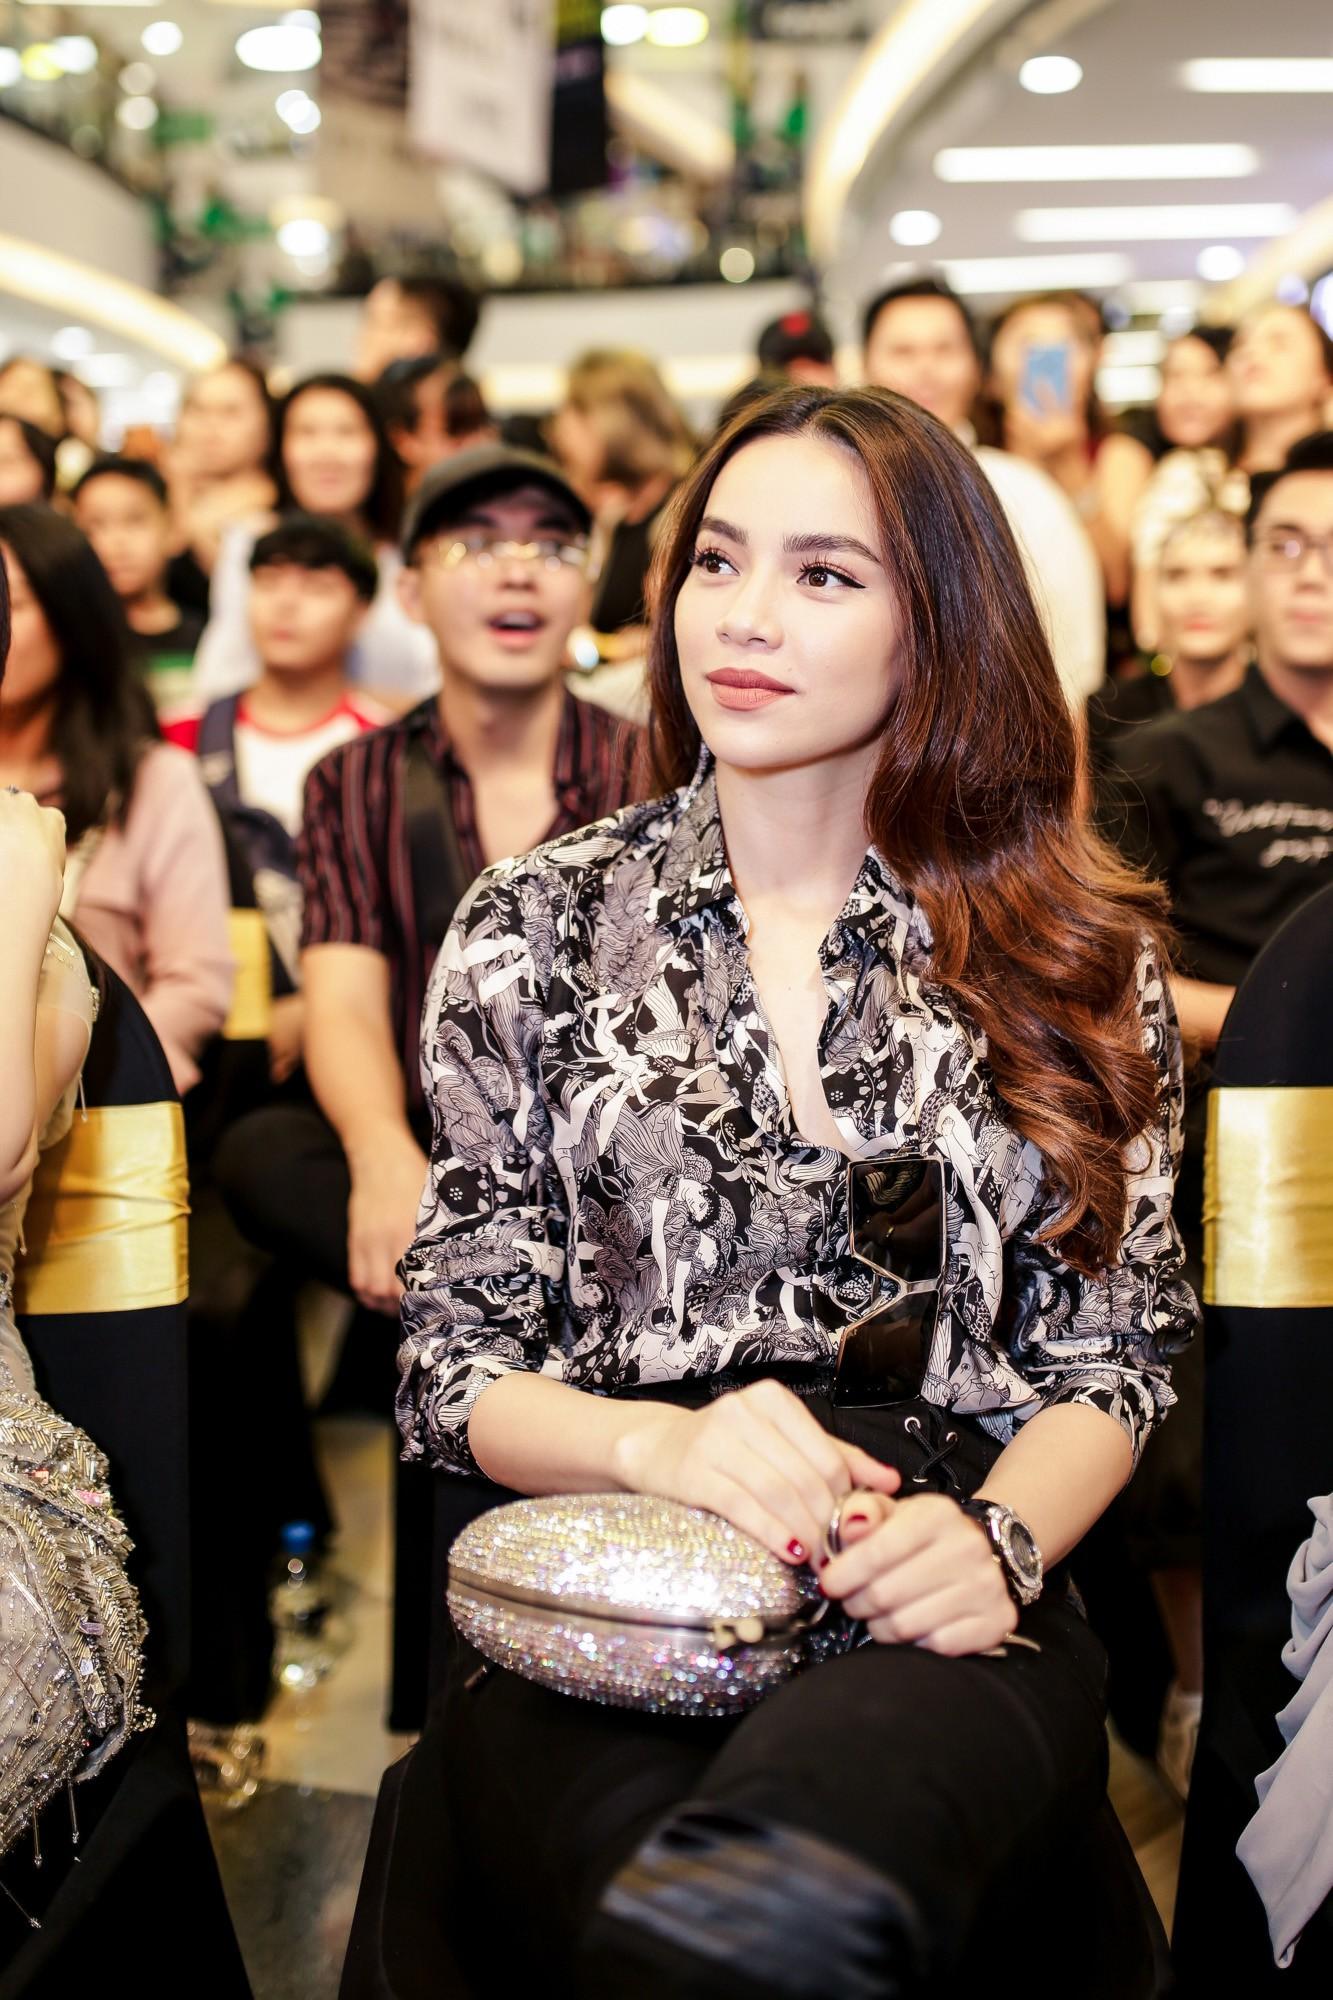 Đàm Vĩnh Hưng bất ngờ tiết lộ nụ hôn nồng cháy với Hoa hậu Hương Giang - Ảnh 12.